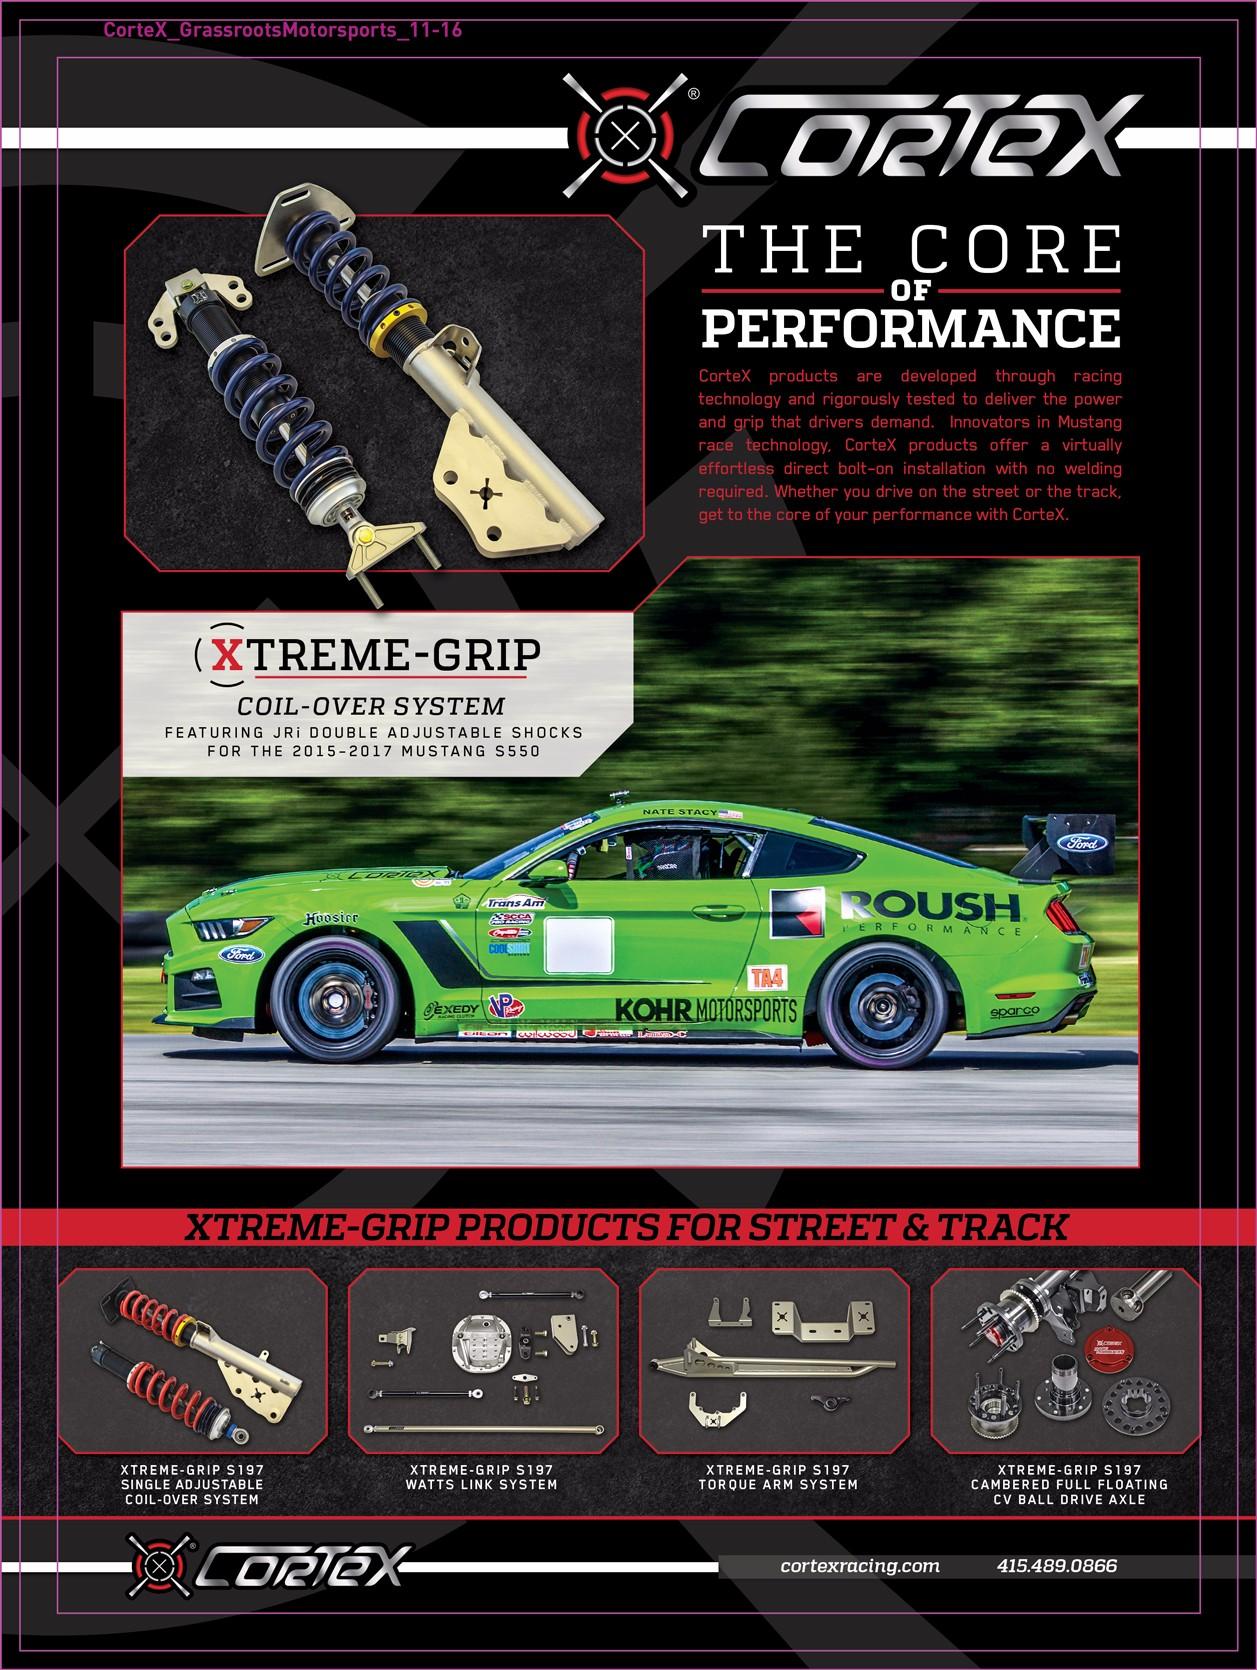 CorteX_GrassrootsMotorsports_11-16_v4.5